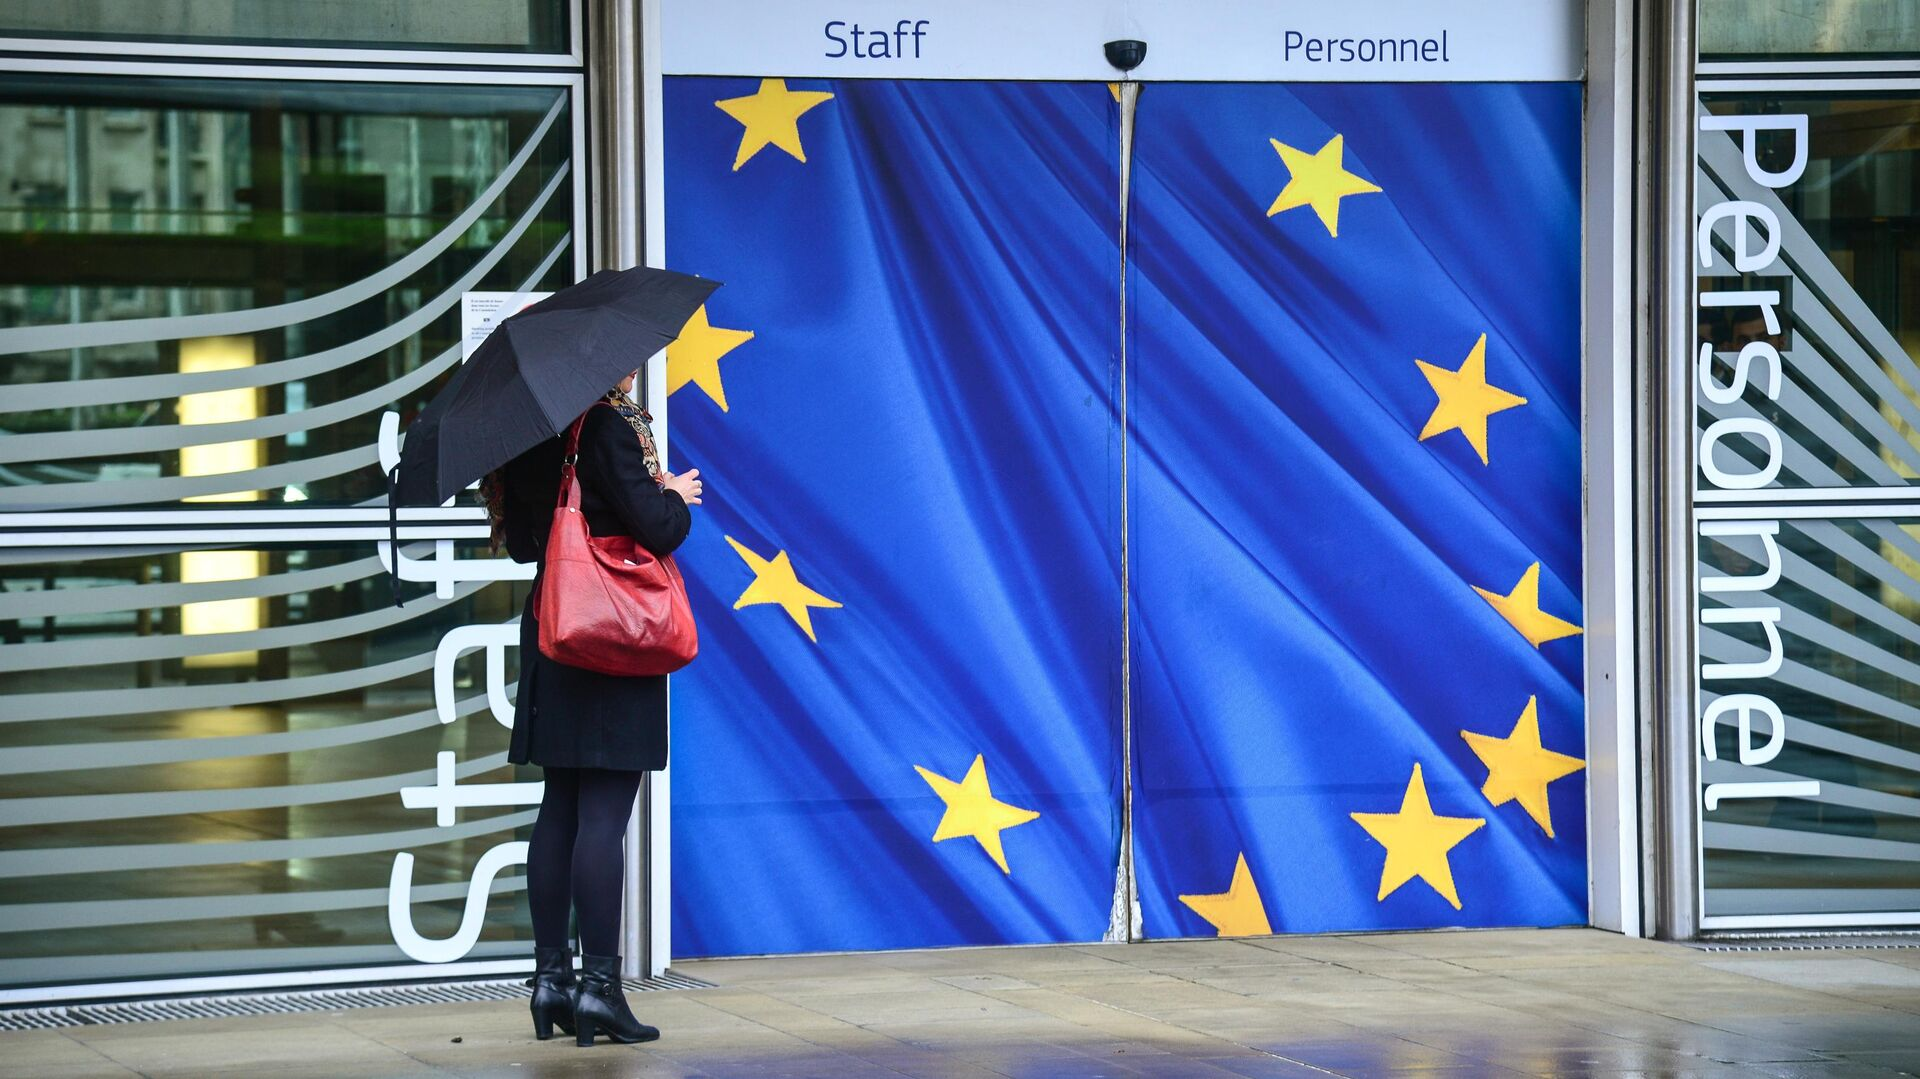 Еврокомиссия будет действовать аналогично США при введении пошлин